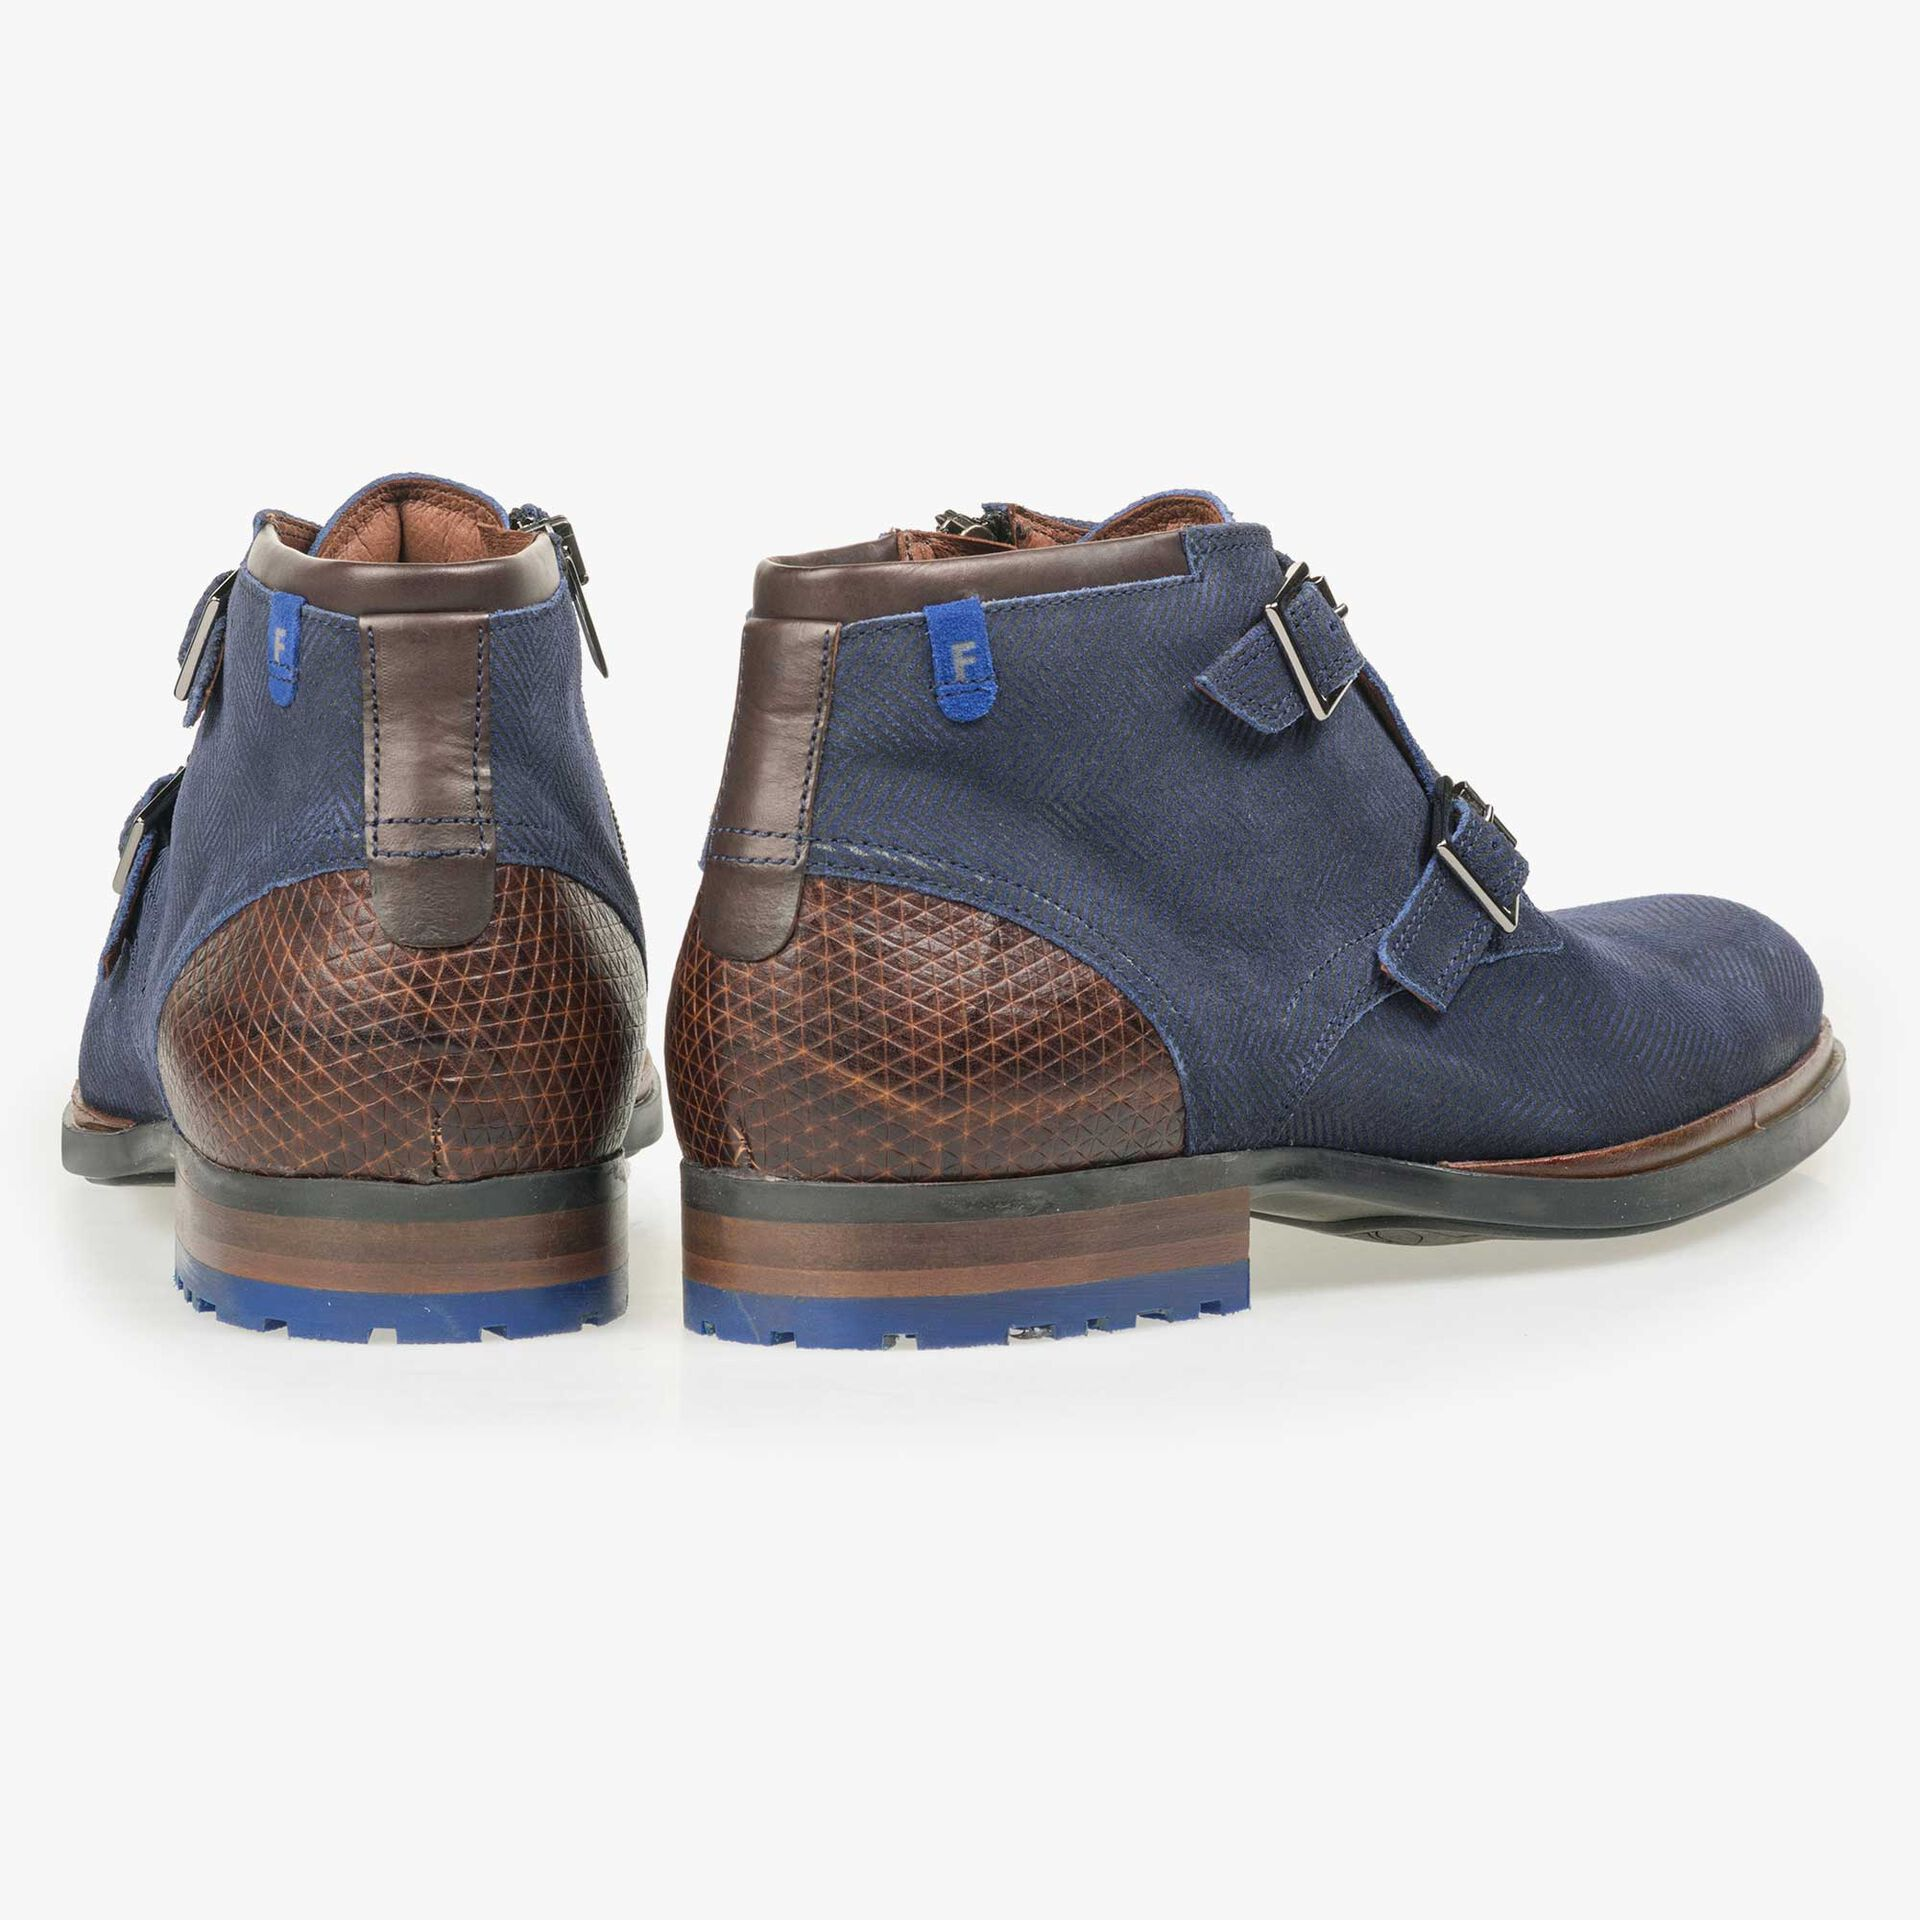 Floris van Bommel men's blue suede leather zip boot